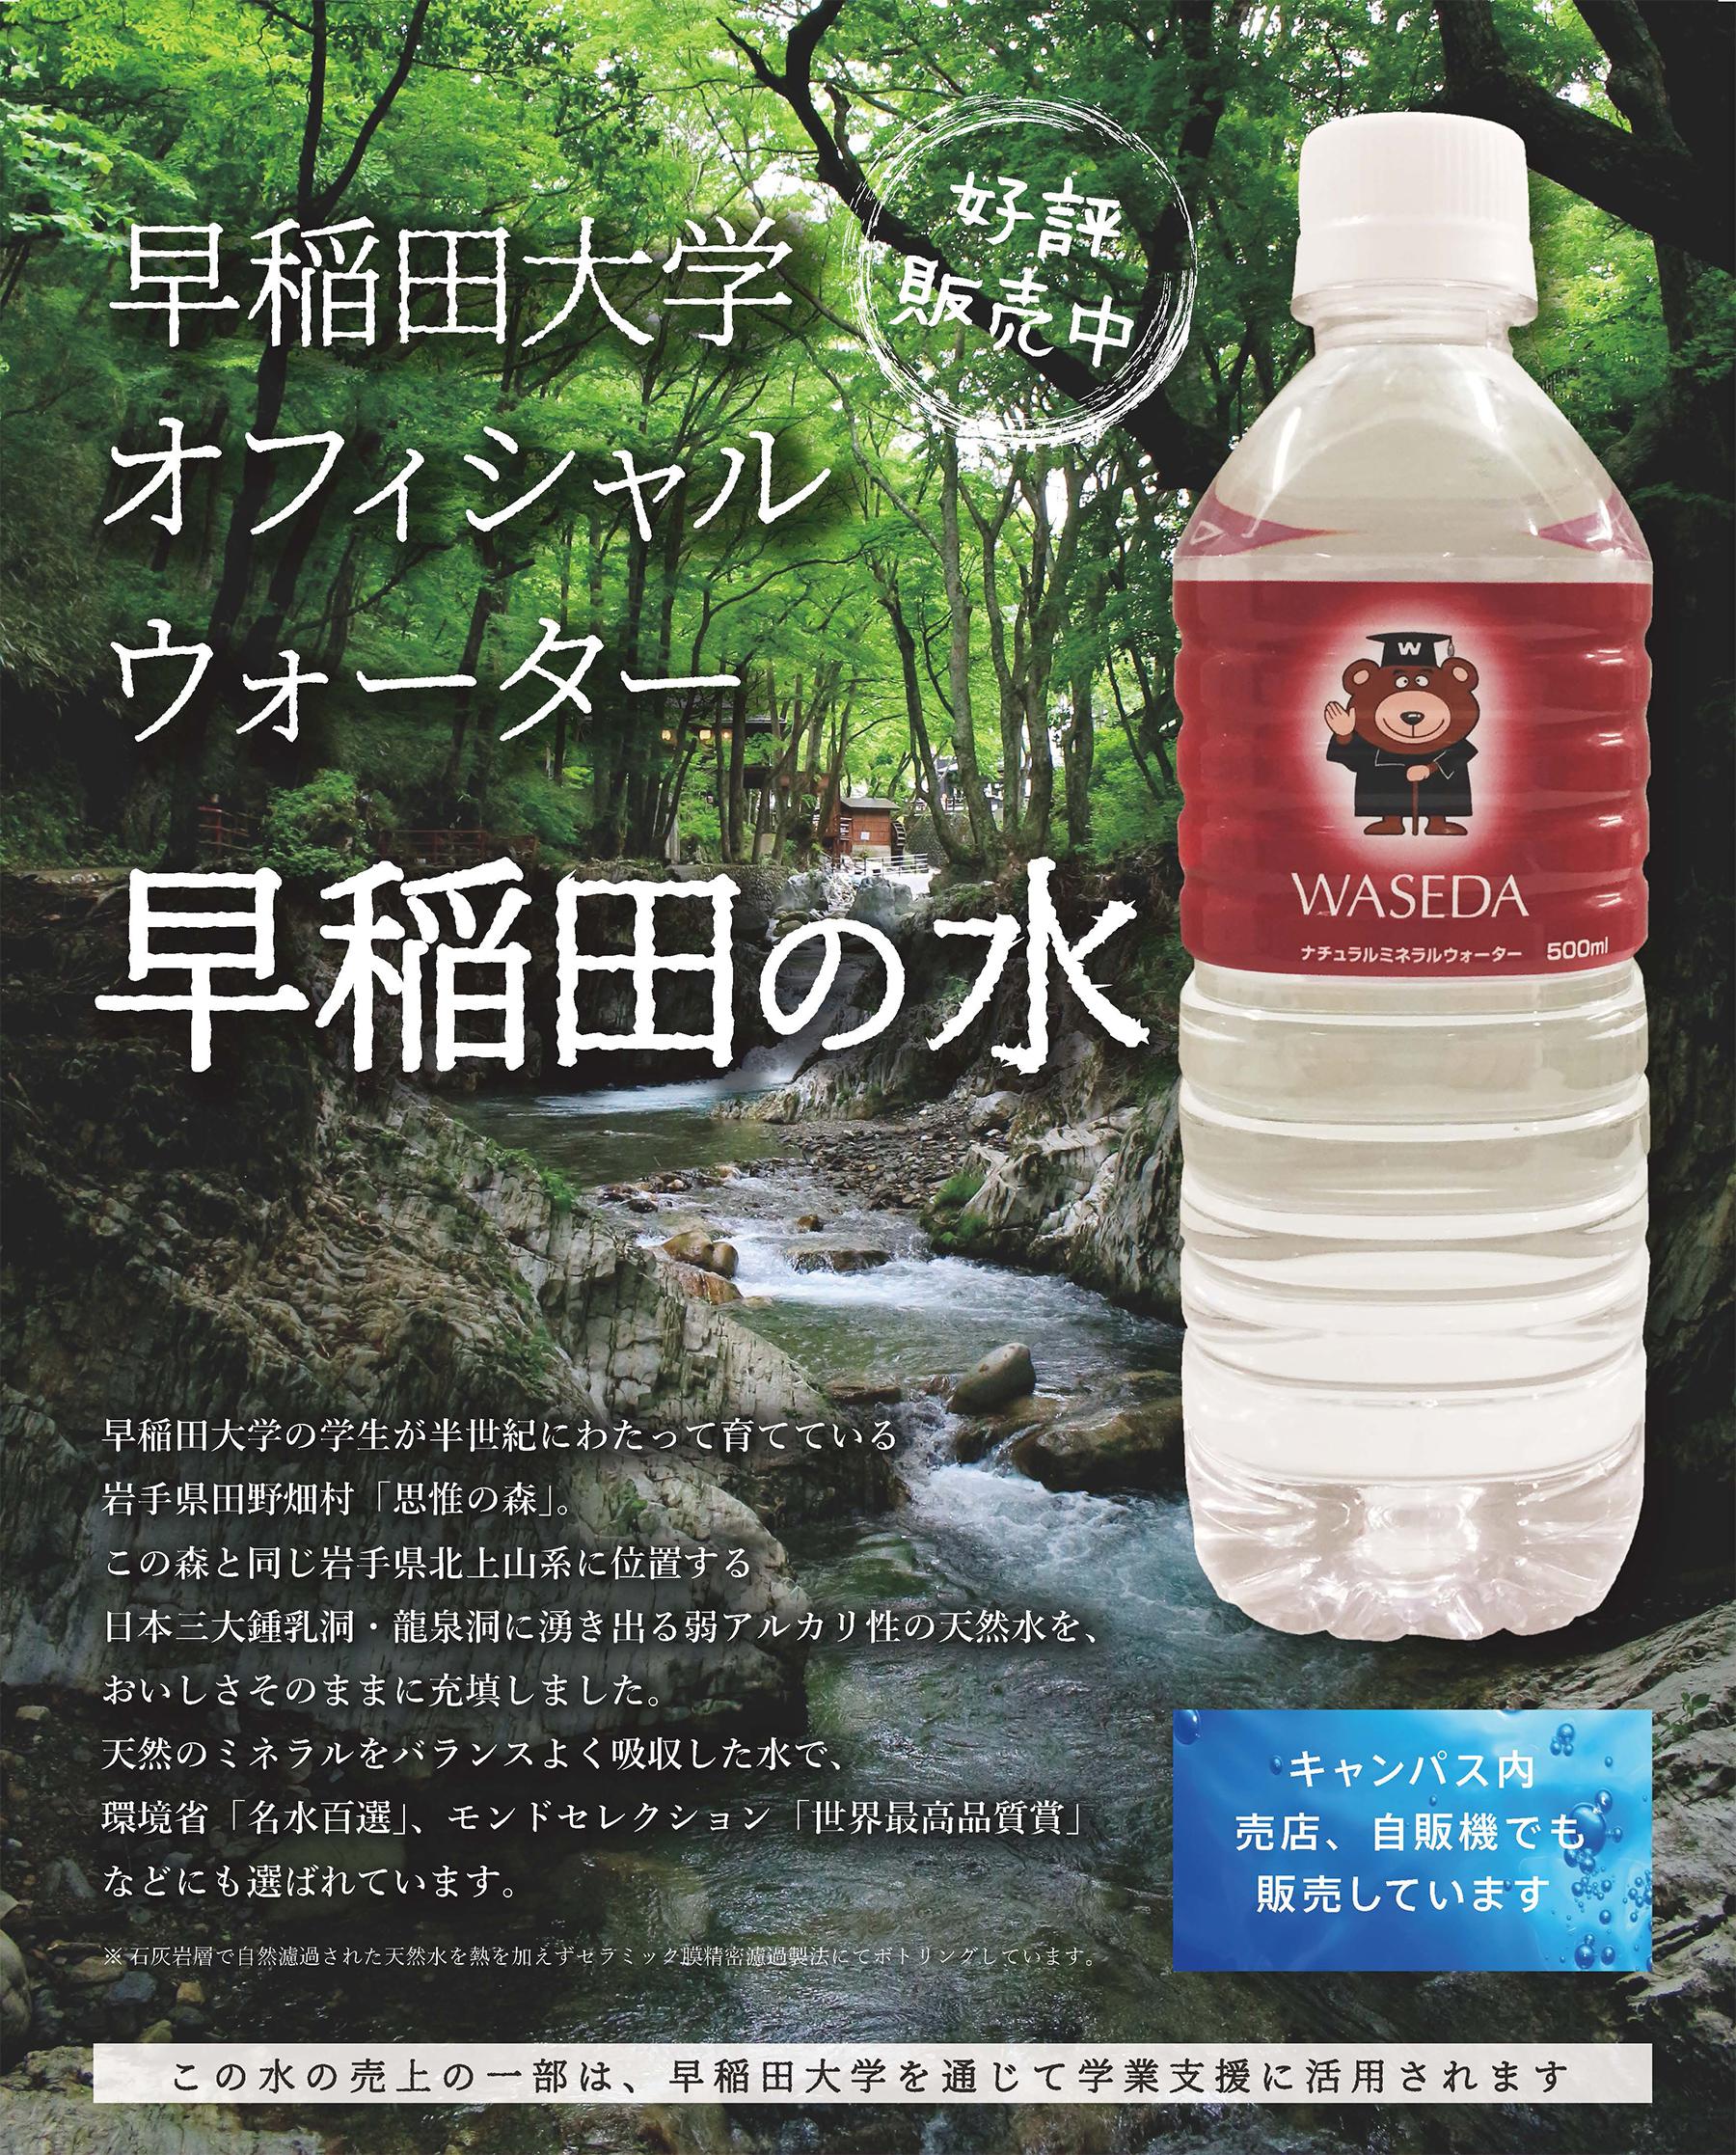 早稲田大学オフィシャルウォーターが誕生しました | 株式会社早稲田 ...